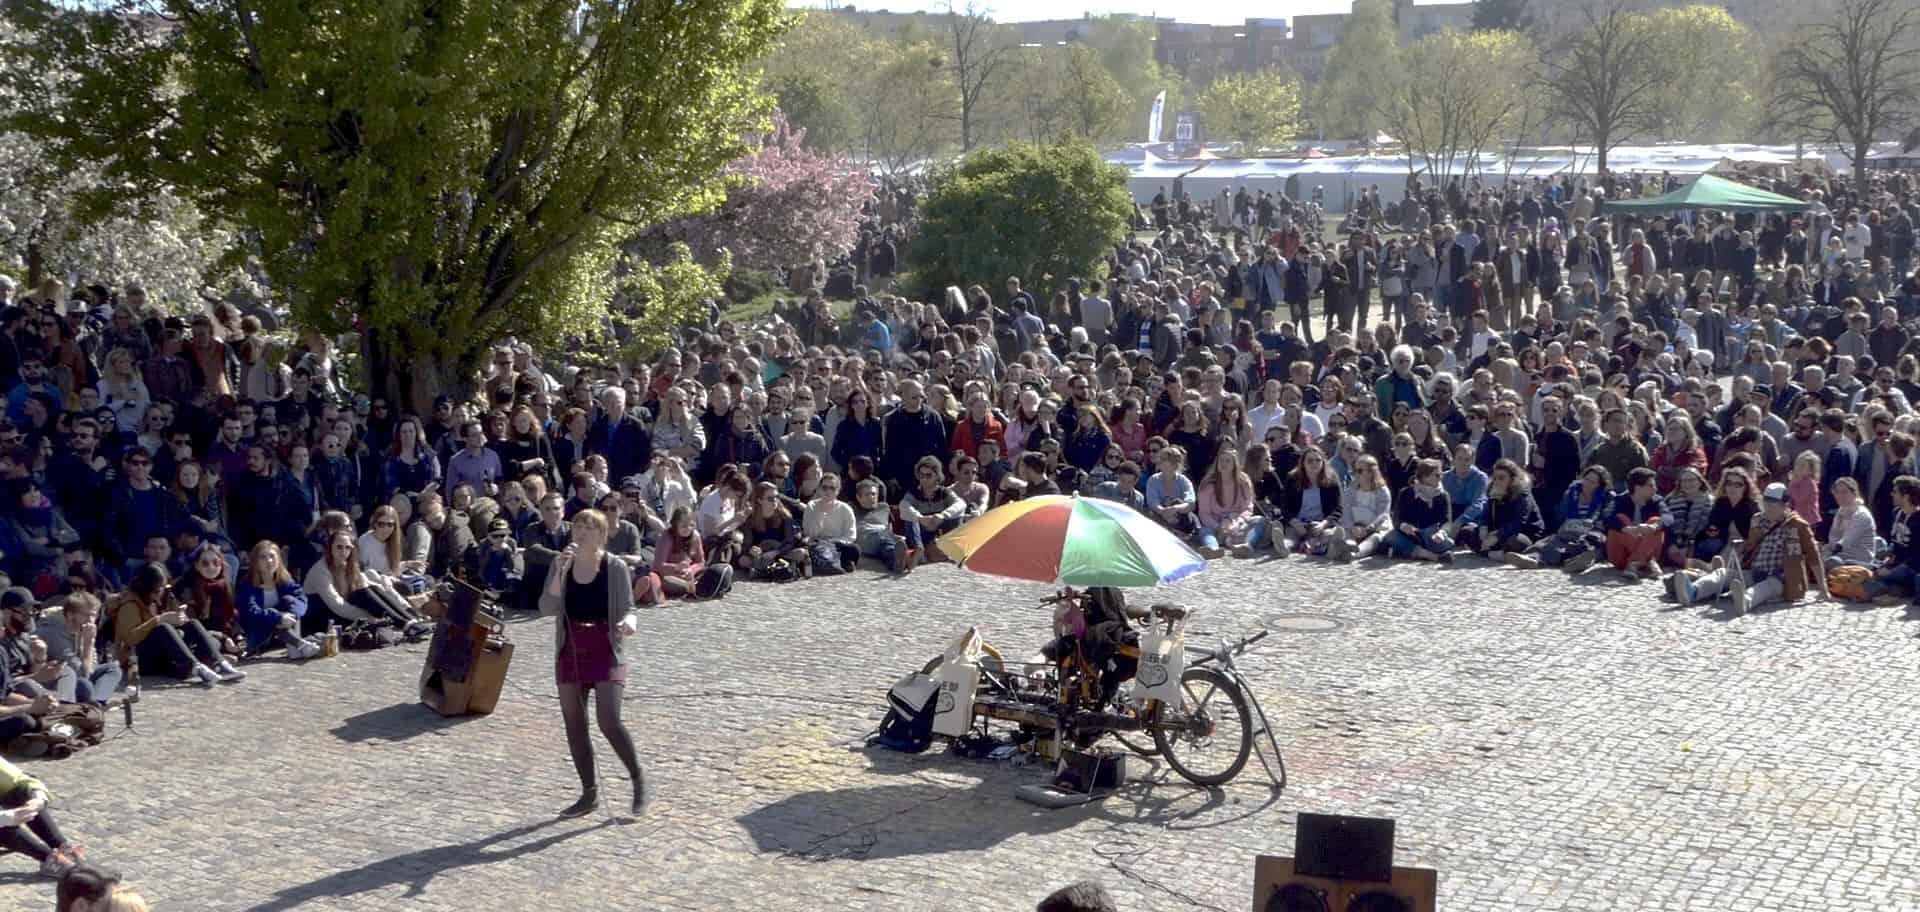 Karaoke Berling Mauerpark